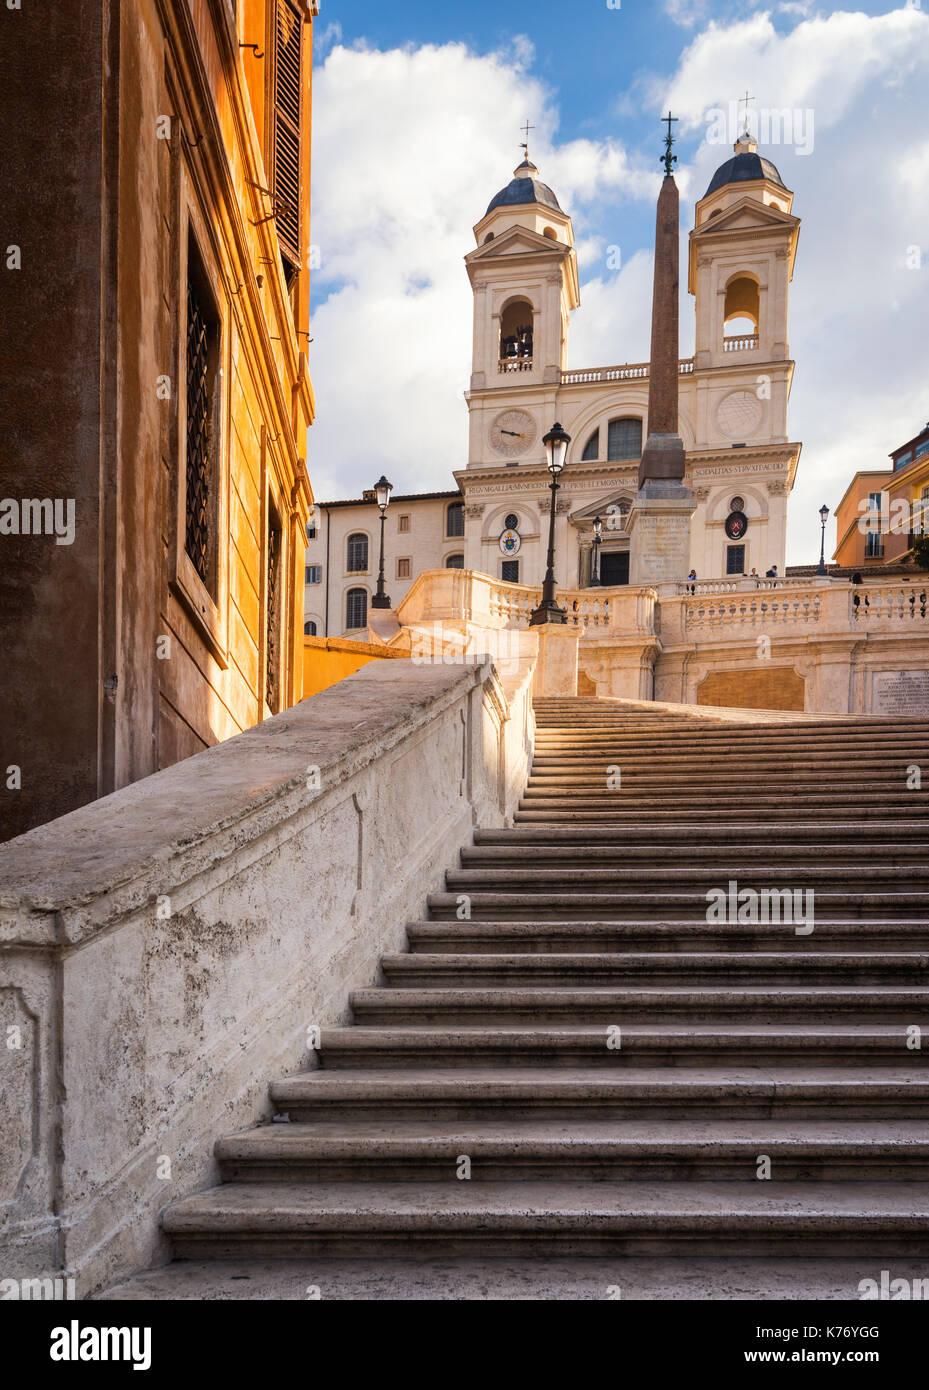 Il lato destro della famosa scalinata spagnola in Roma, capitale d'Italia e la città eterna Immagini Stock